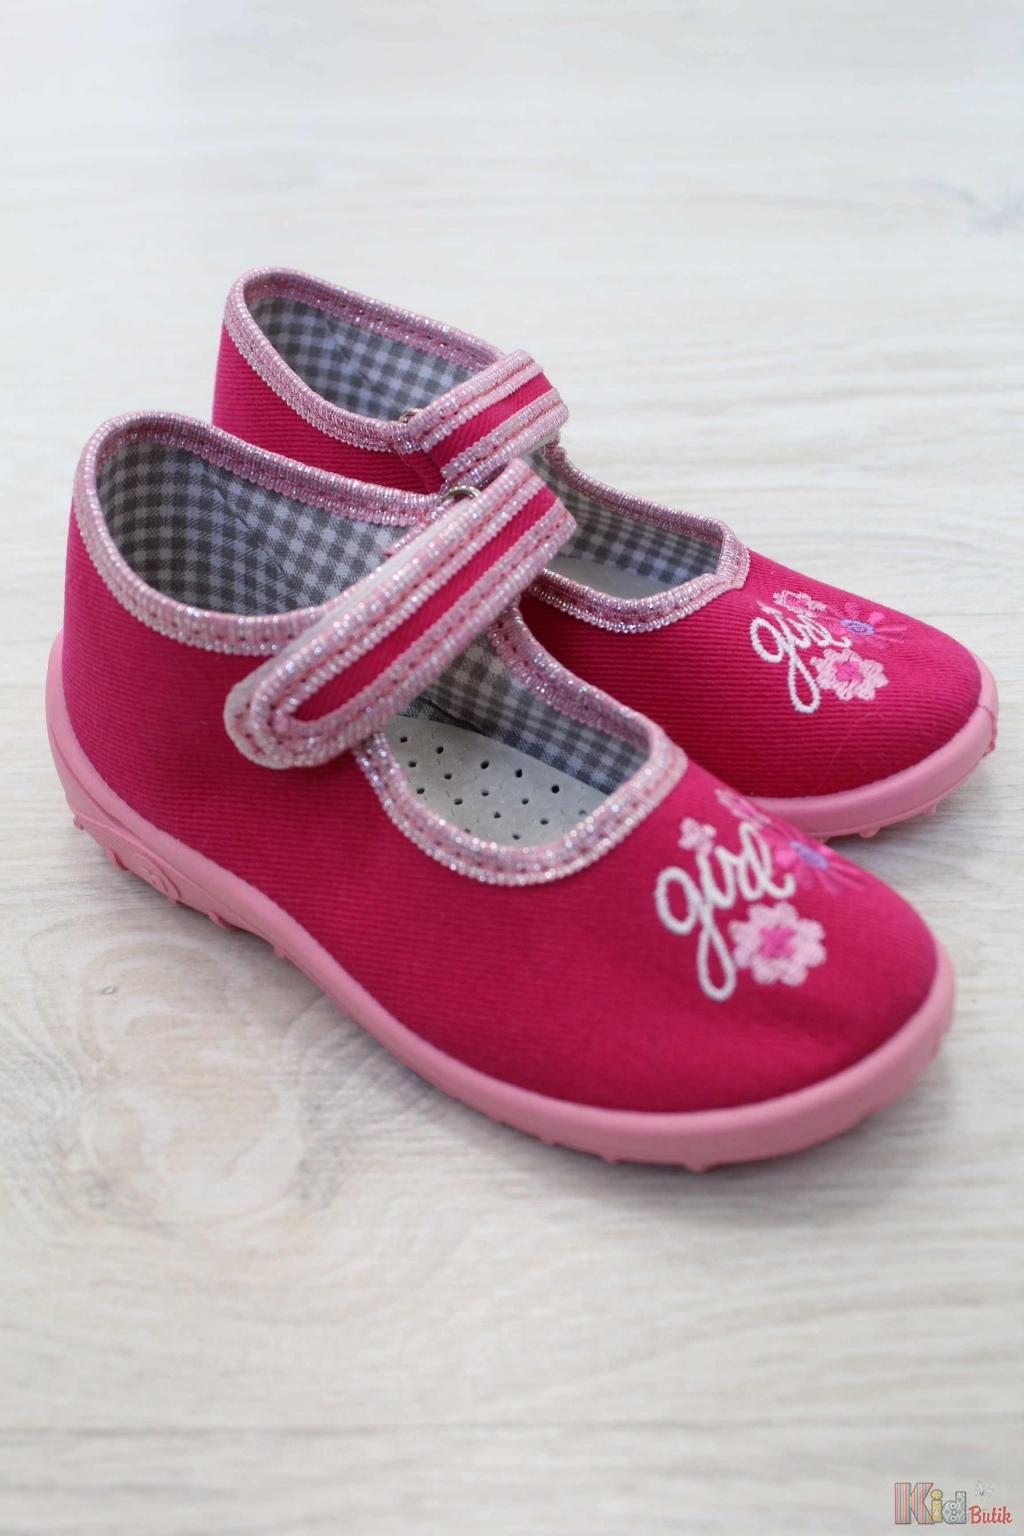 c68785164628ec ᐈ Дитячі тапочки, текстильне взуття для дівчаток ᐈ Купити в інтернет  магазині KidButik™ ➔ Вигідна ціна!